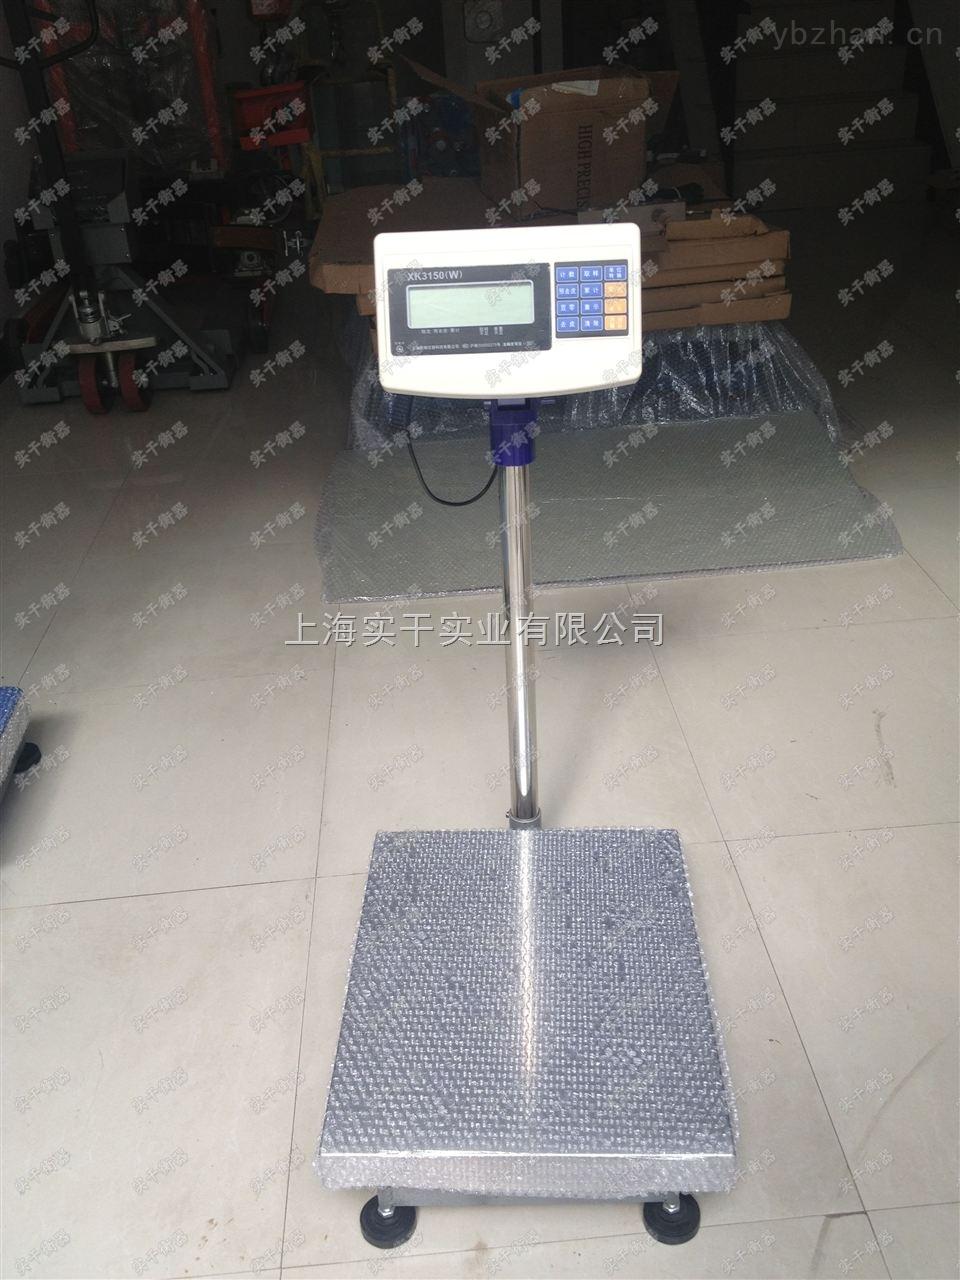 計重電子臺秤規格